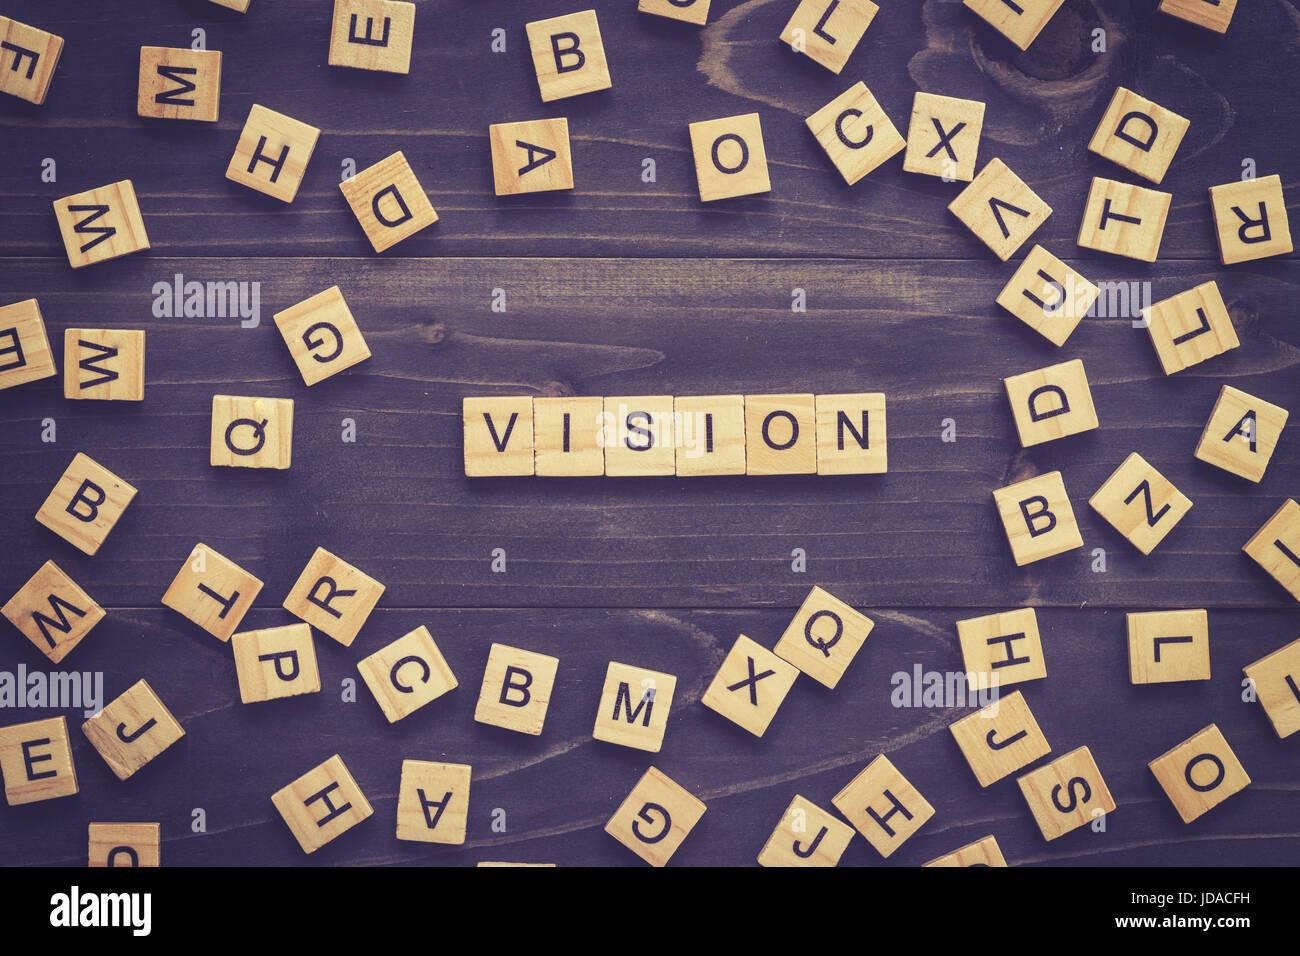 Vision-Wort auf Holztisch für Business-Konzept. Stockbild